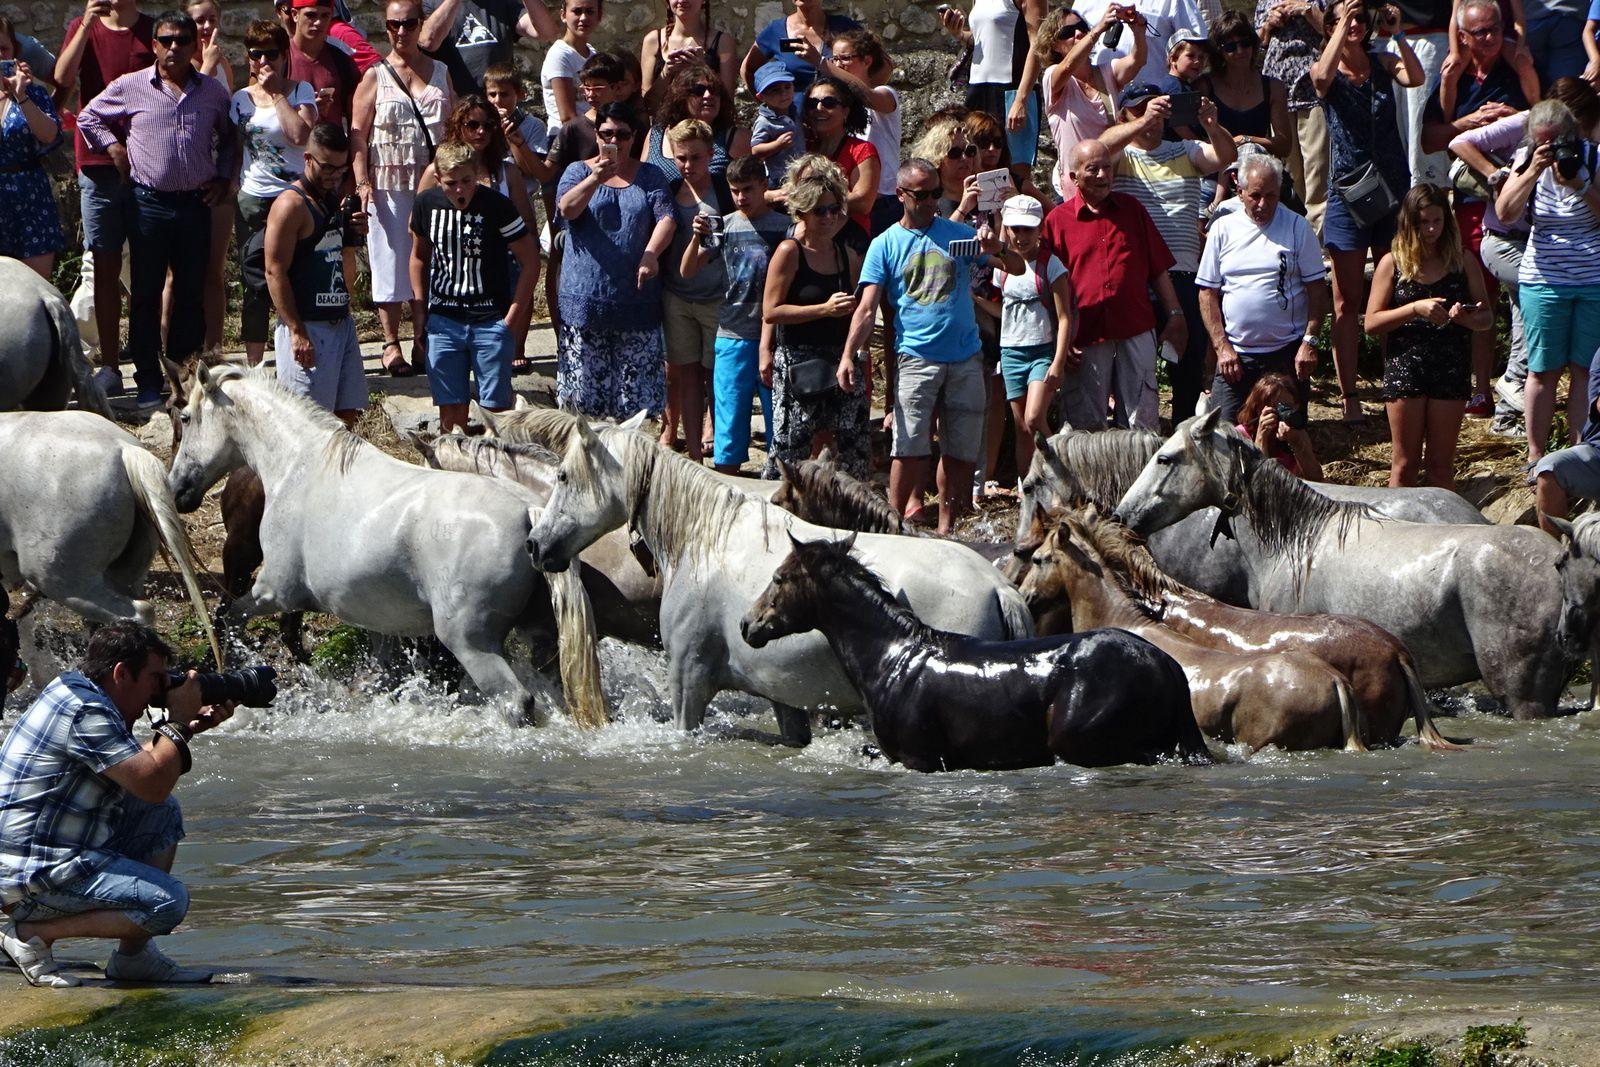 Les chevaux remontent sur la berge.